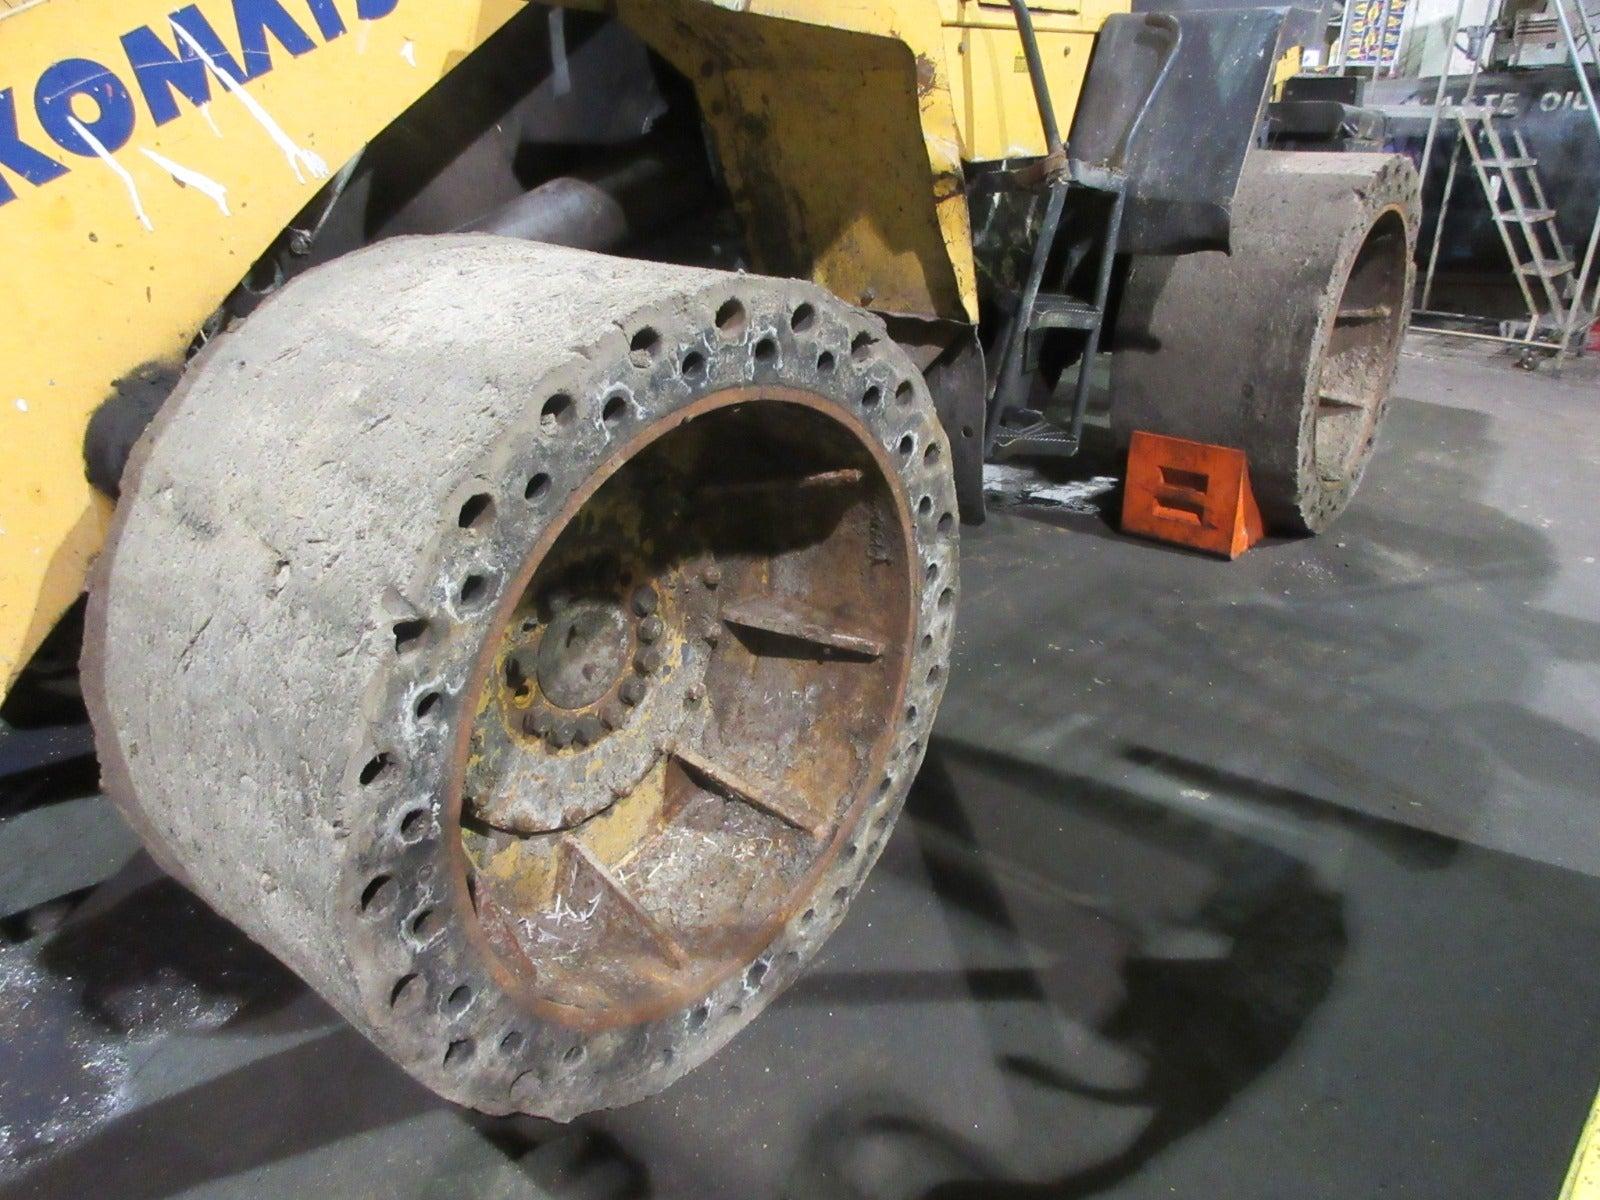 Komatsu WA320-5L Wheel Loader teardown machine photo 5